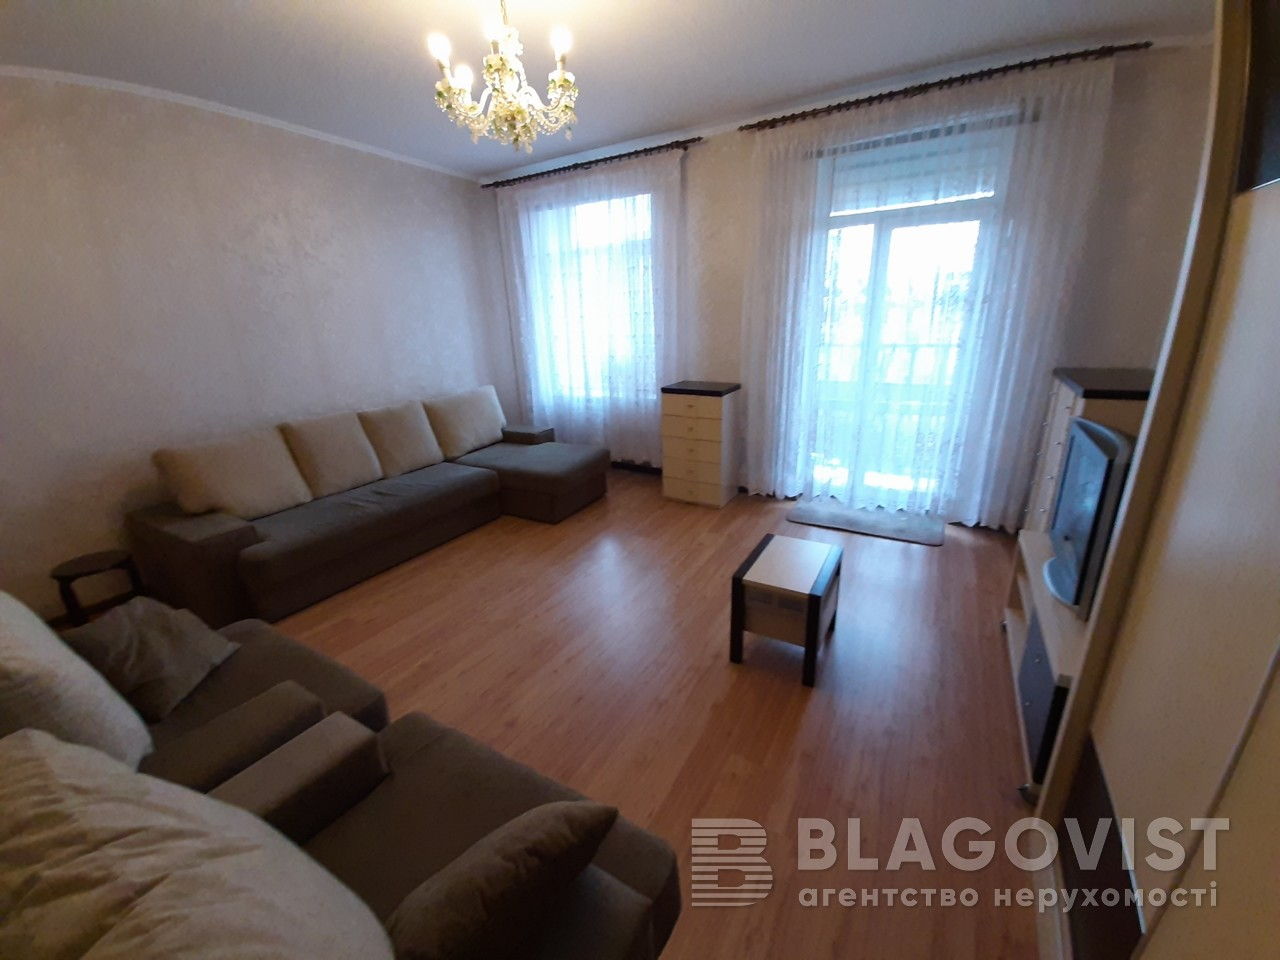 Квартира P-29595, Панаса Мирного, 2/44, Киев - Фото 8